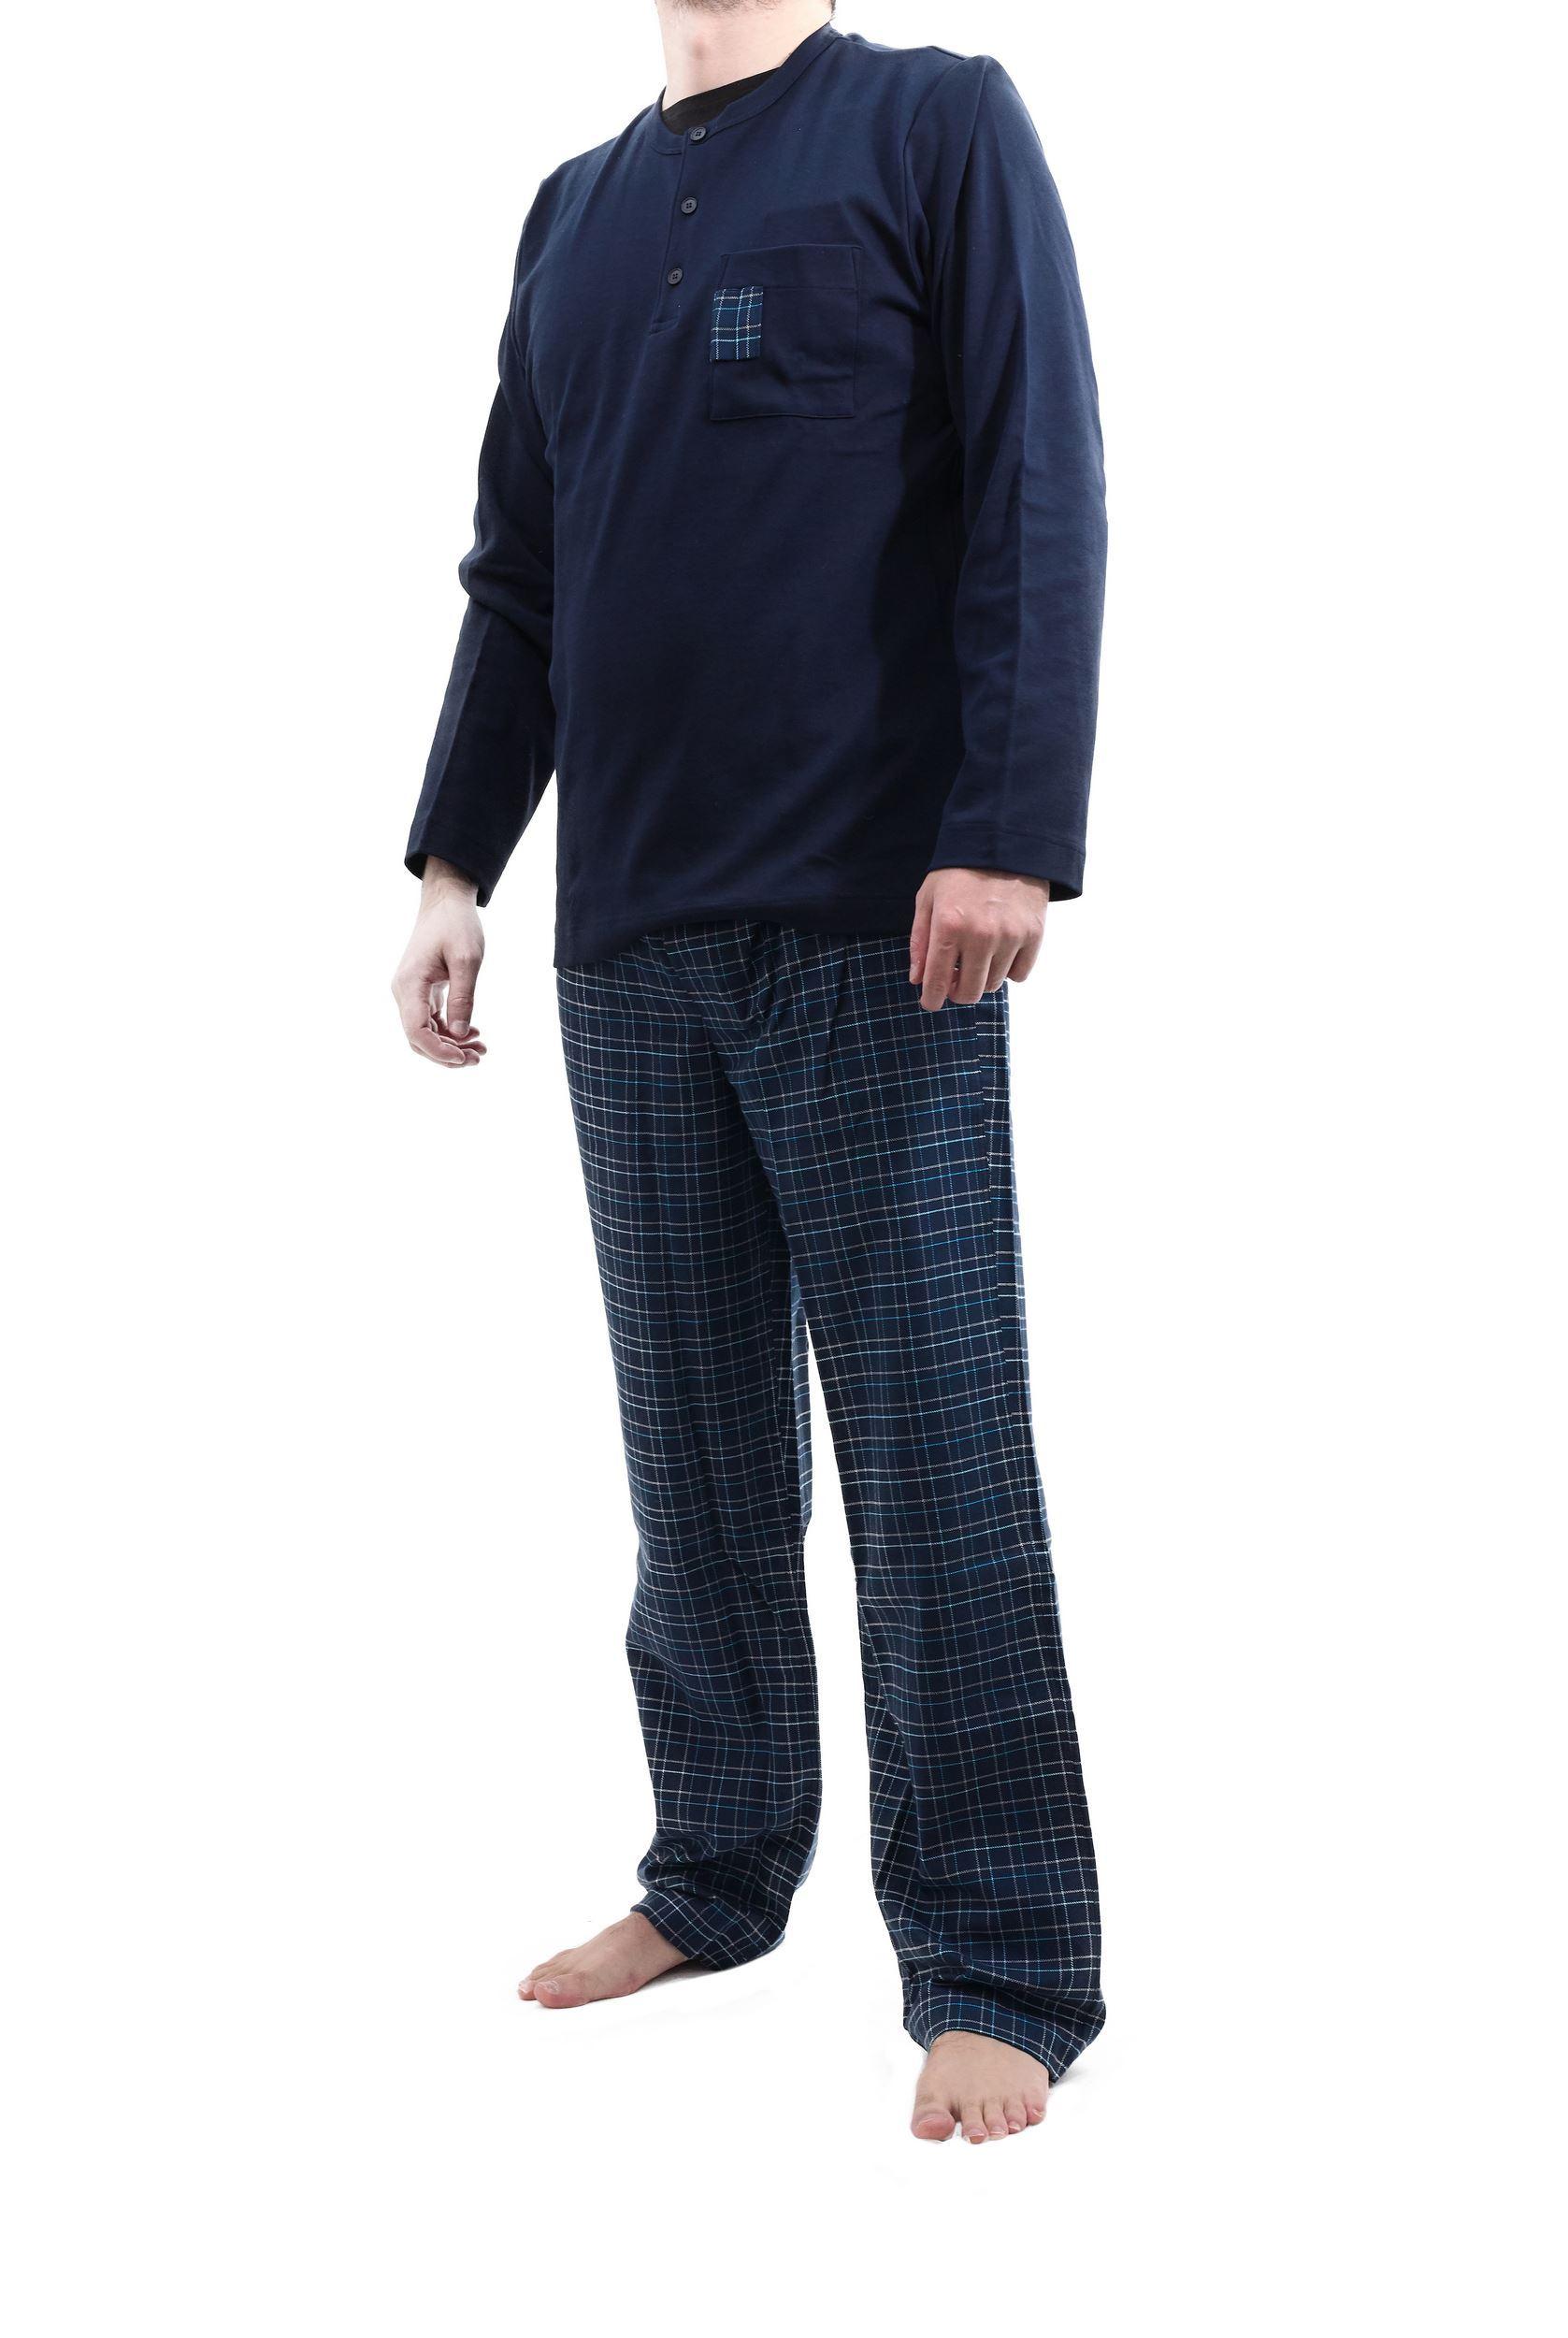 Picture of Men's Cotton Pyjamas, 3 buttons